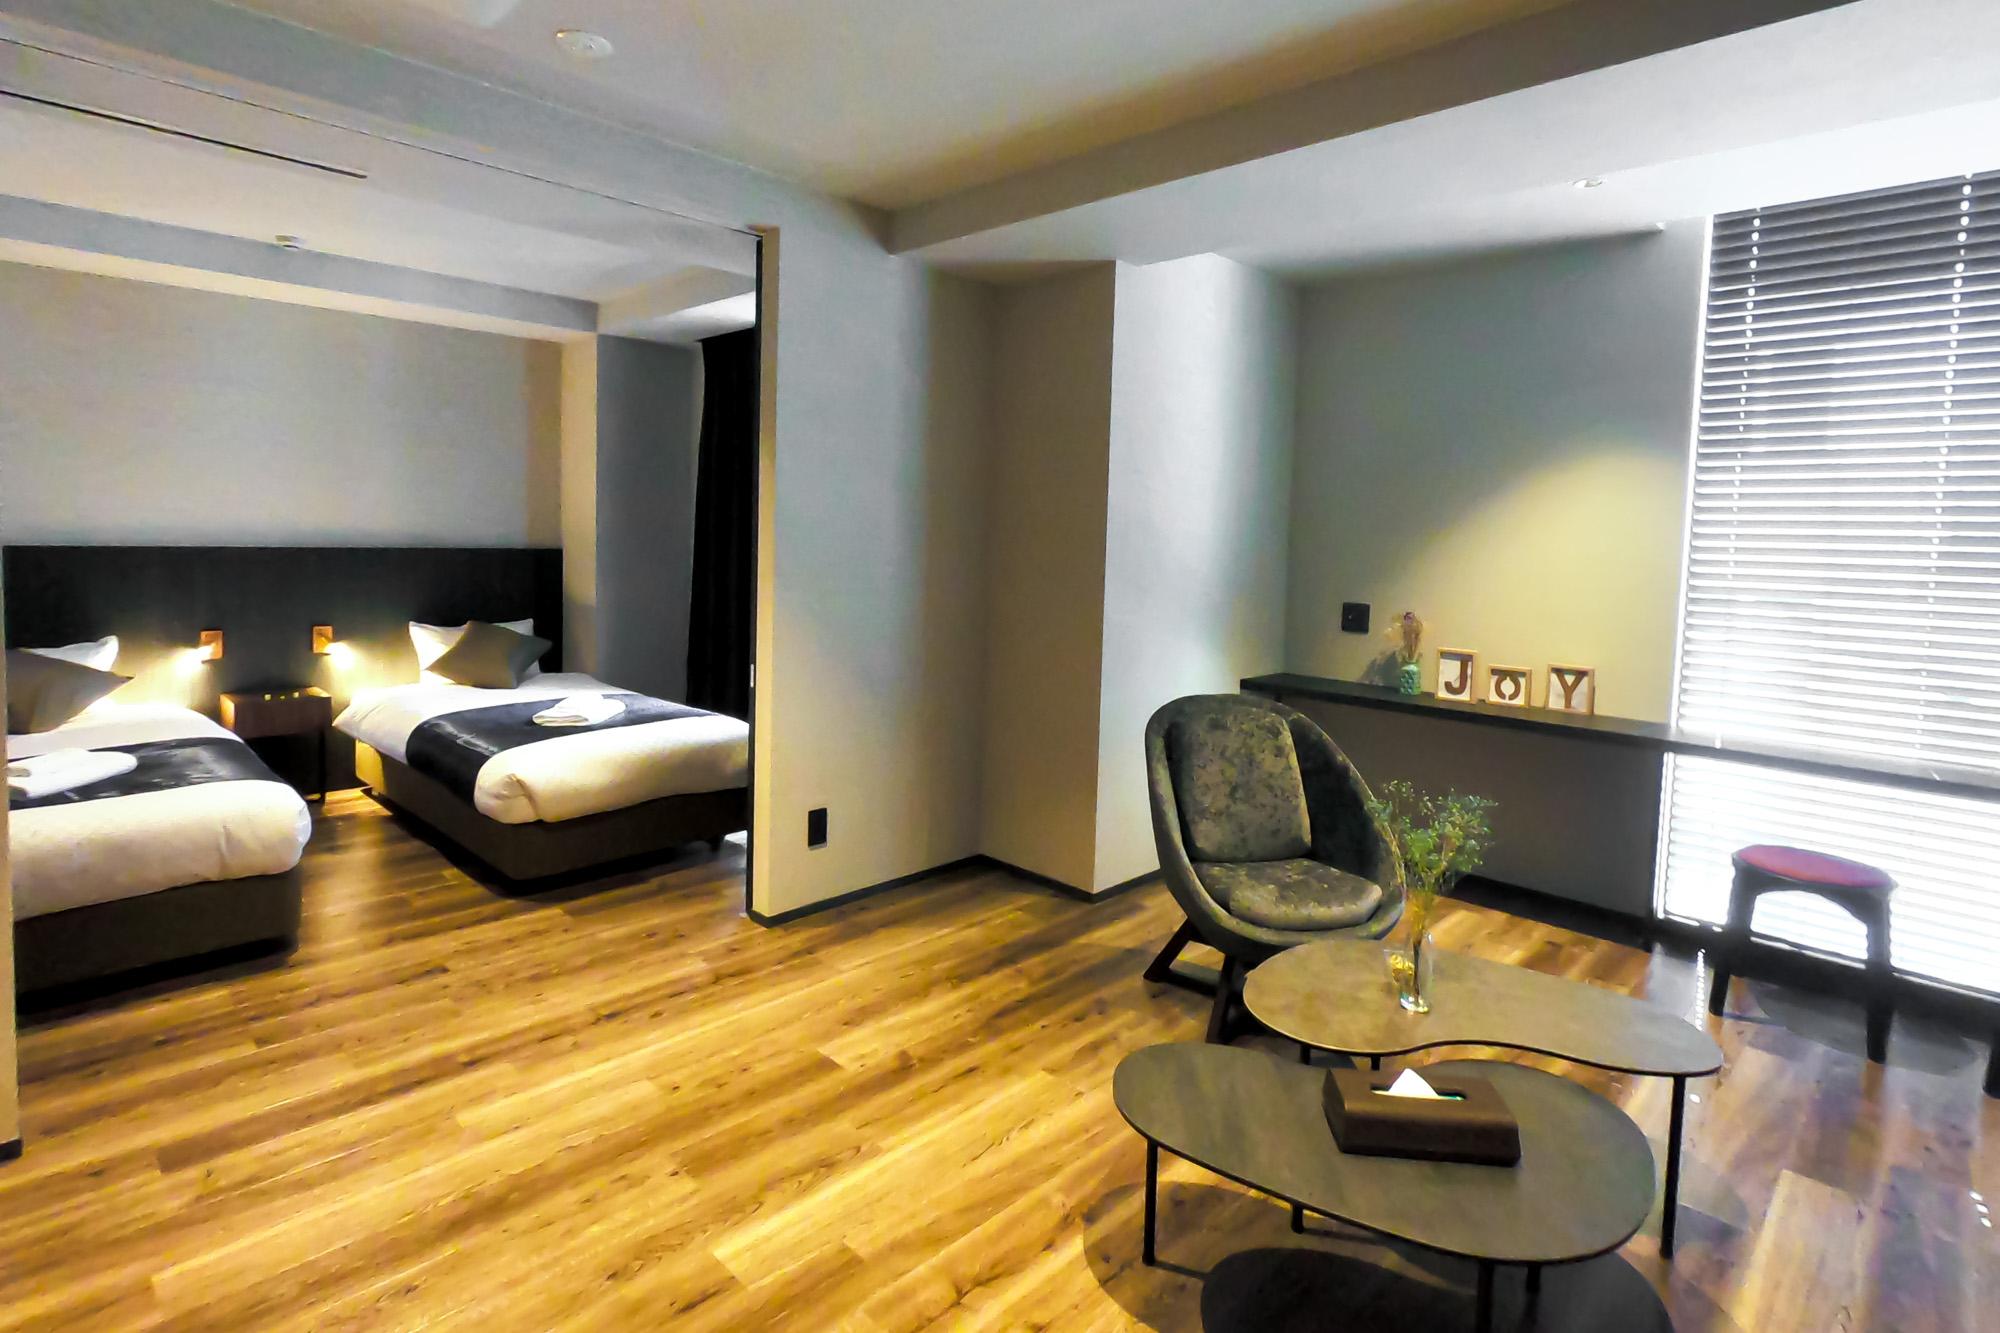 浪速区のホテル エスプレッソサウス